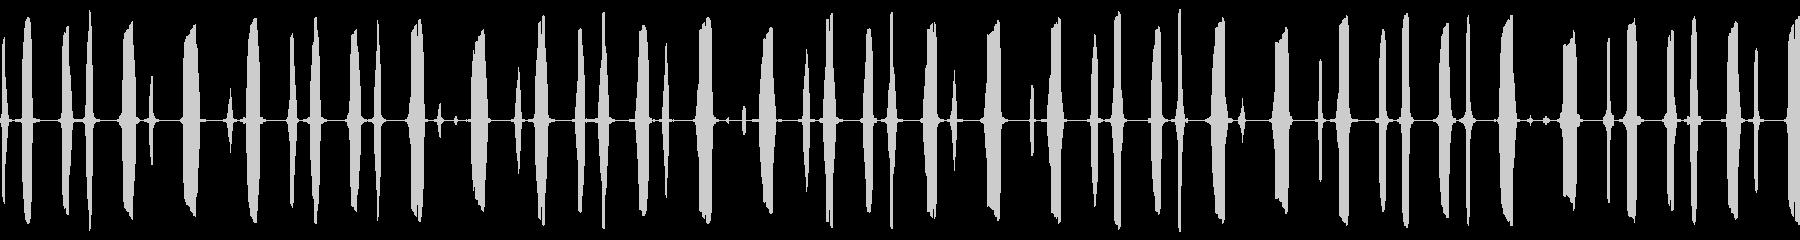 放射線検出器:高速電子トーン、SC...の未再生の波形